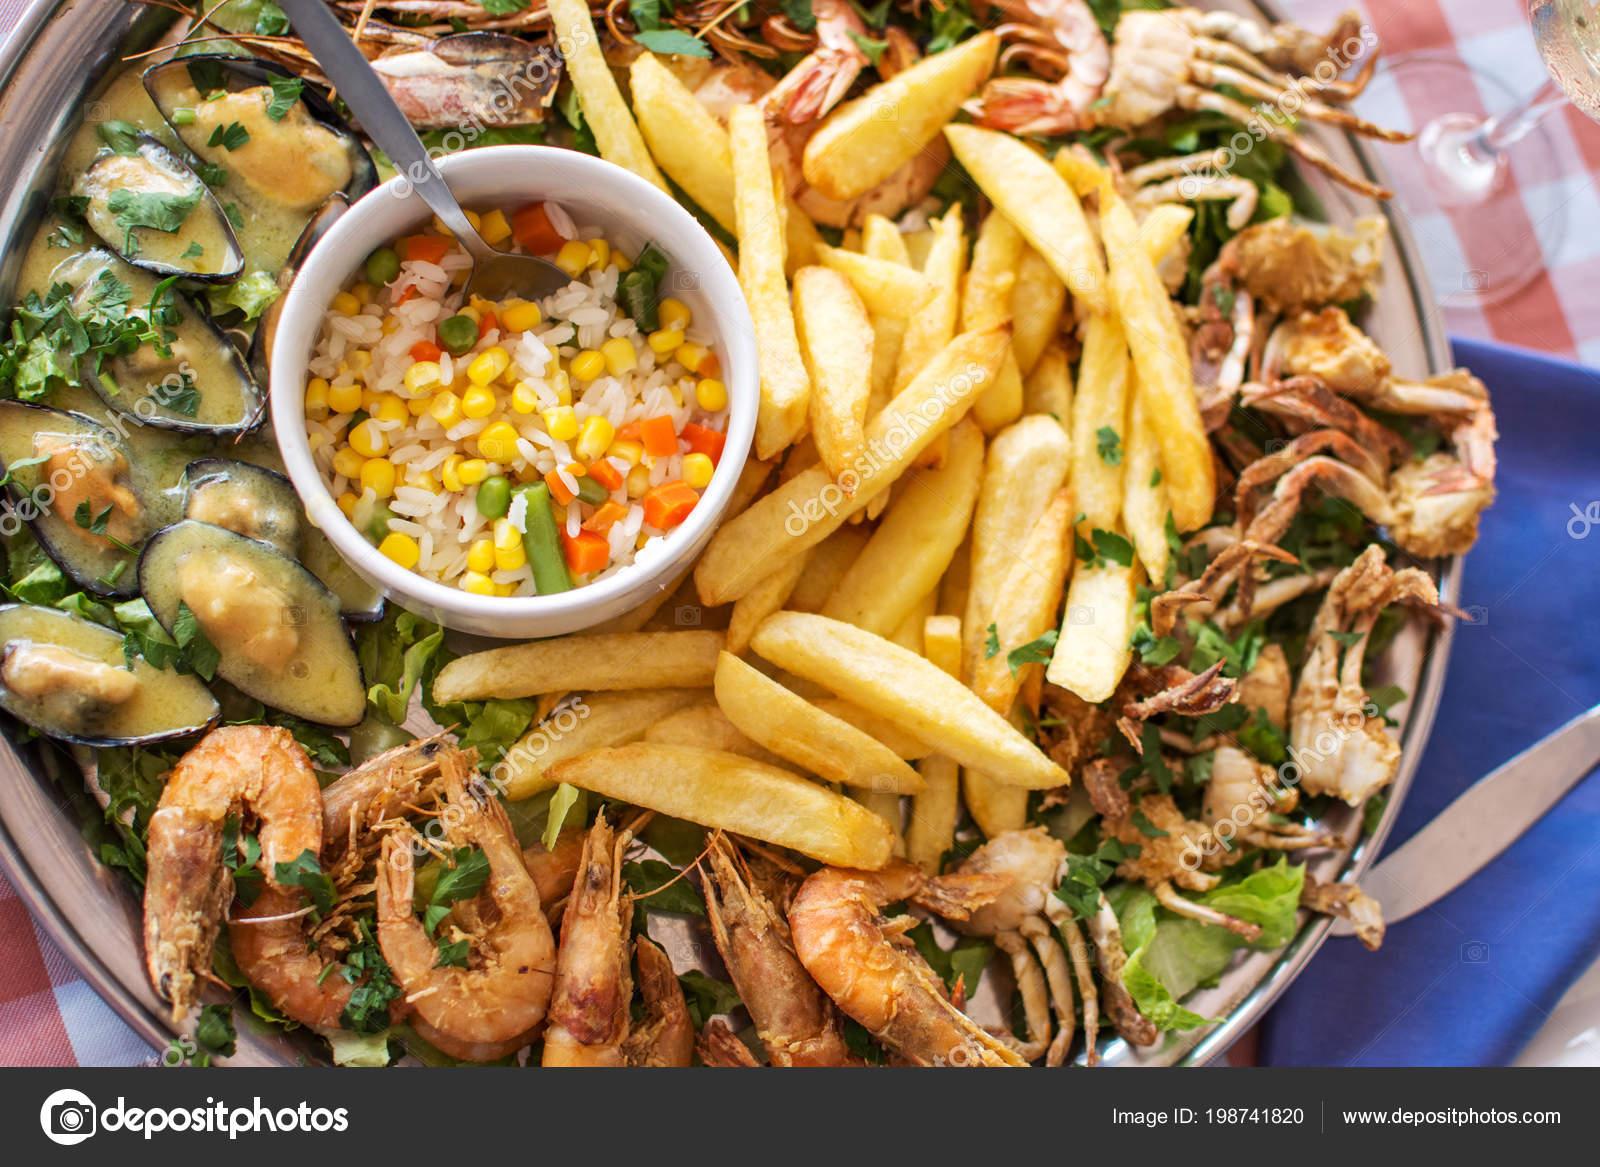 Kızarmış Deniz Ürünleri Yengeç Karides Midye Ile Kızarmış Patates Pilav —  Stok fotoğraf 02337779e6